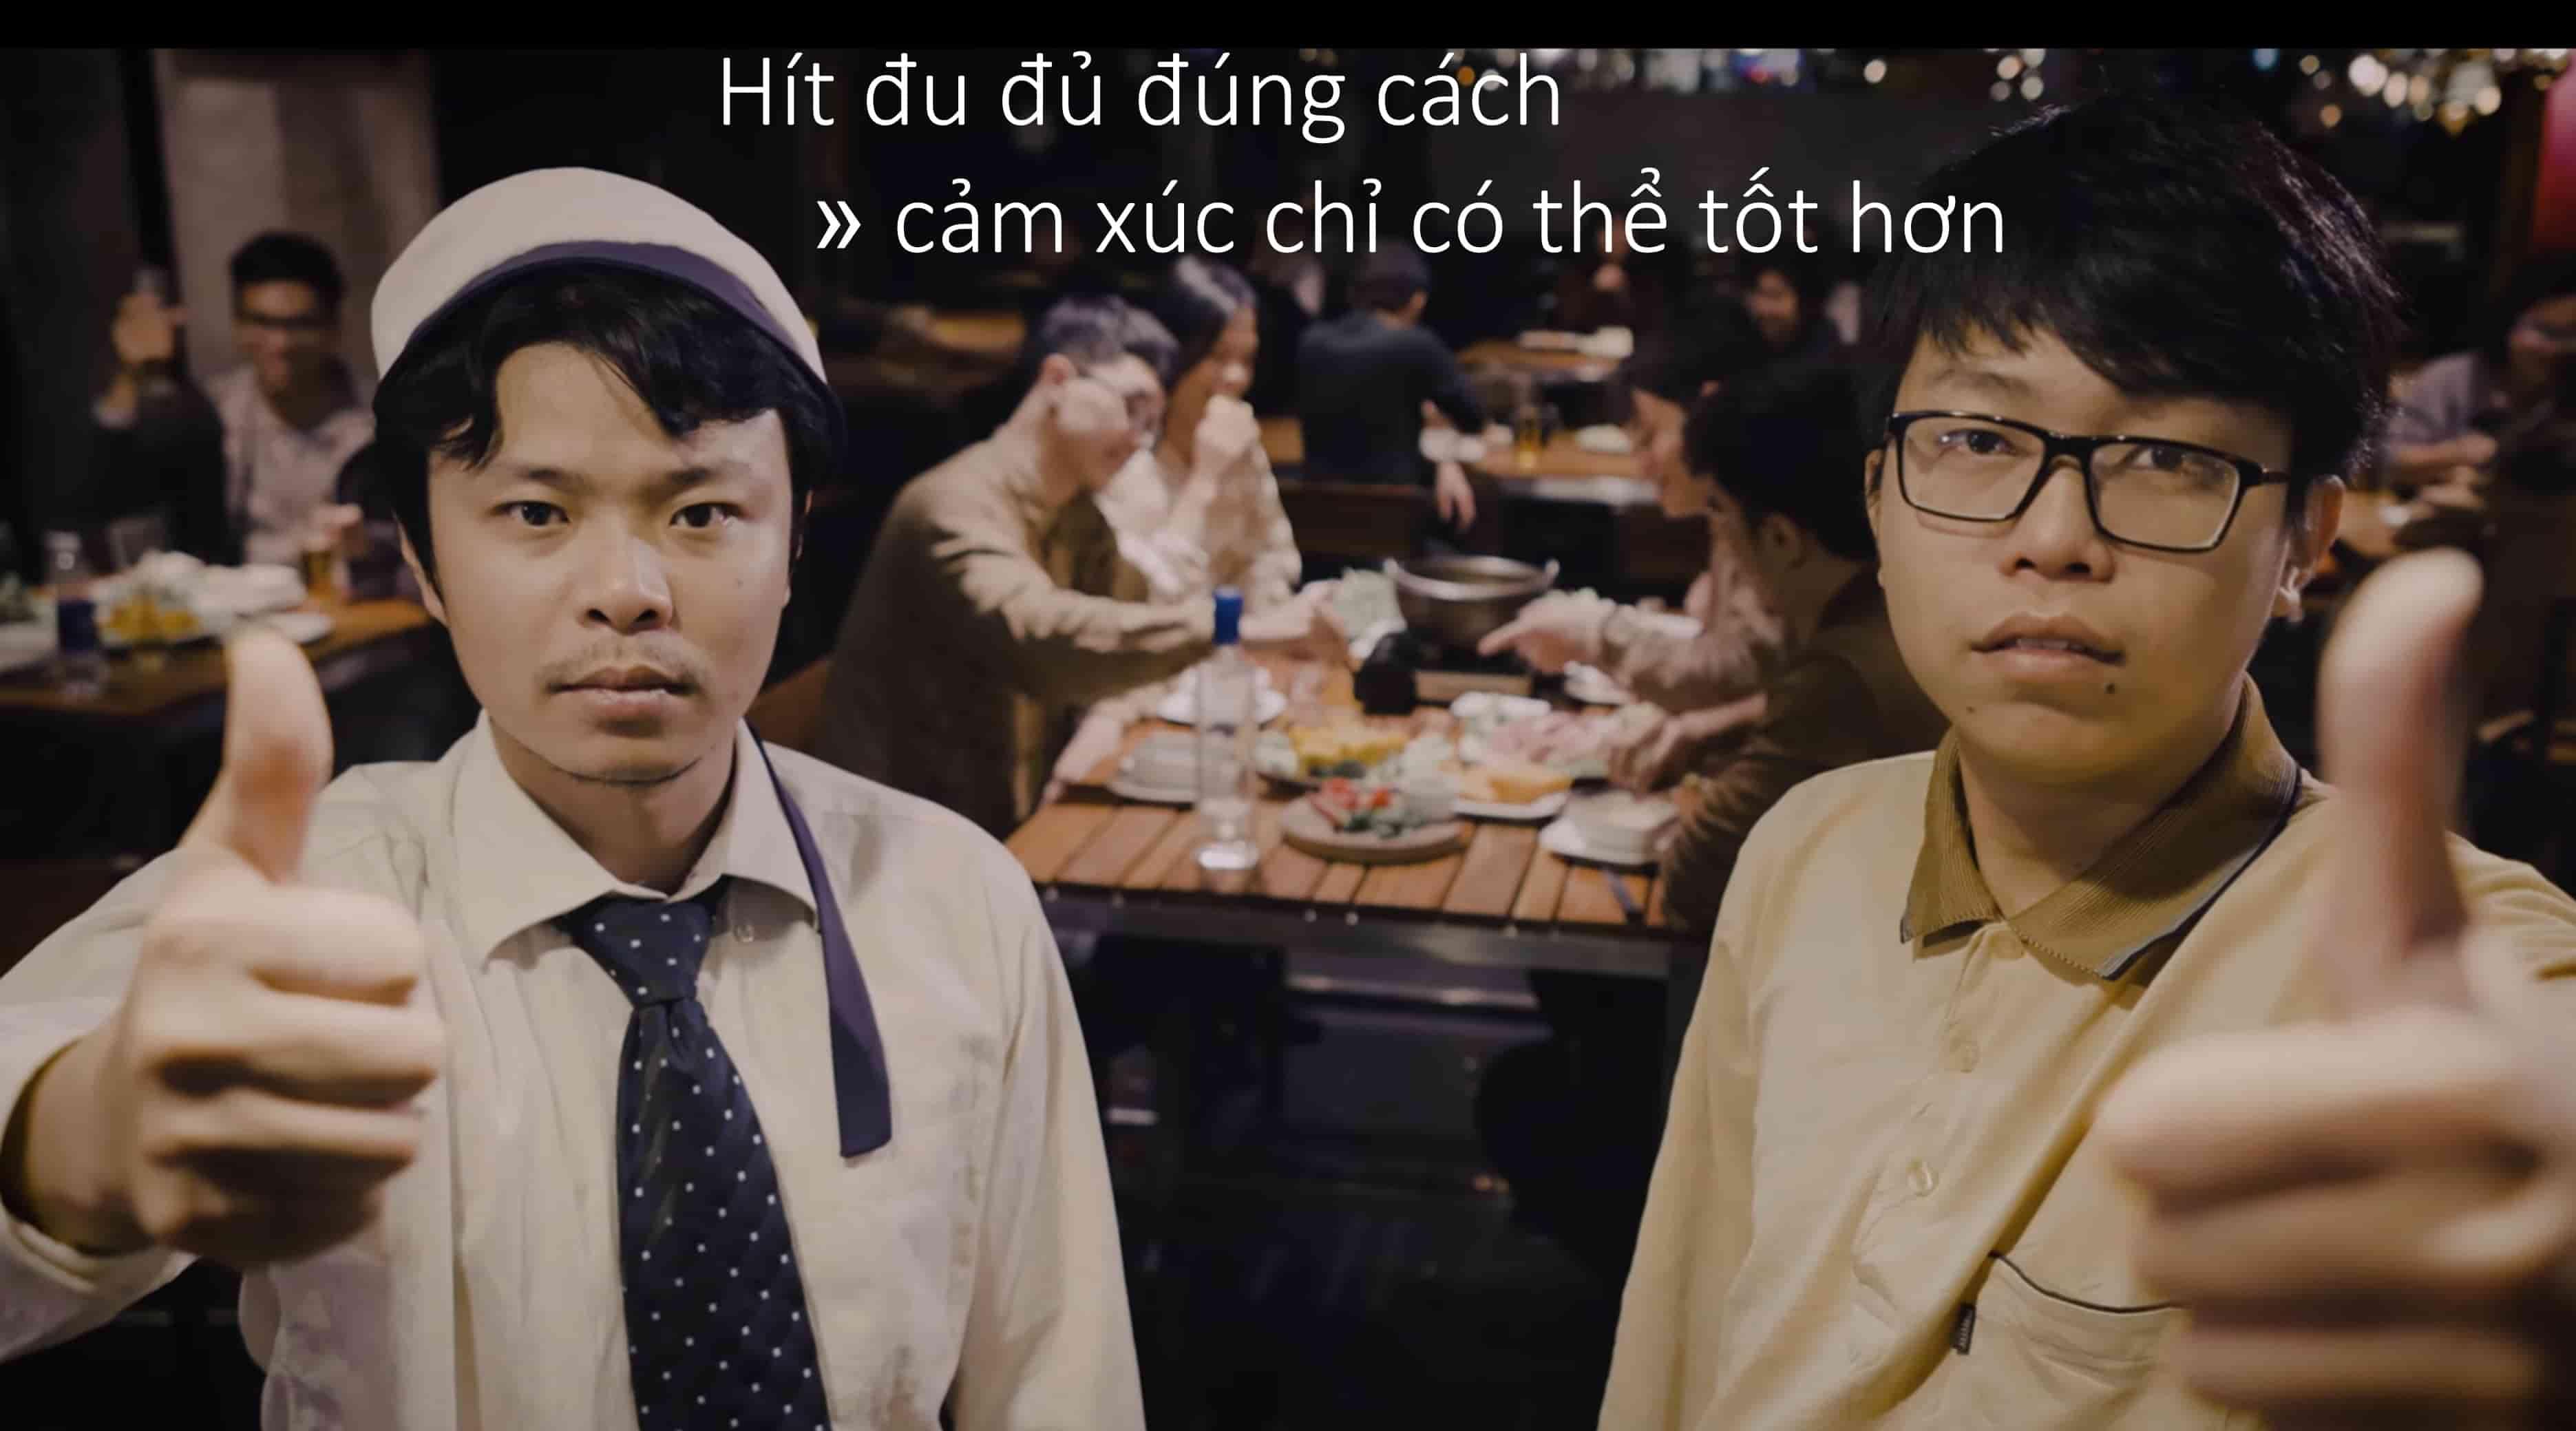 Hít đu đủ tại Hocban.vn - ảnh minh họa